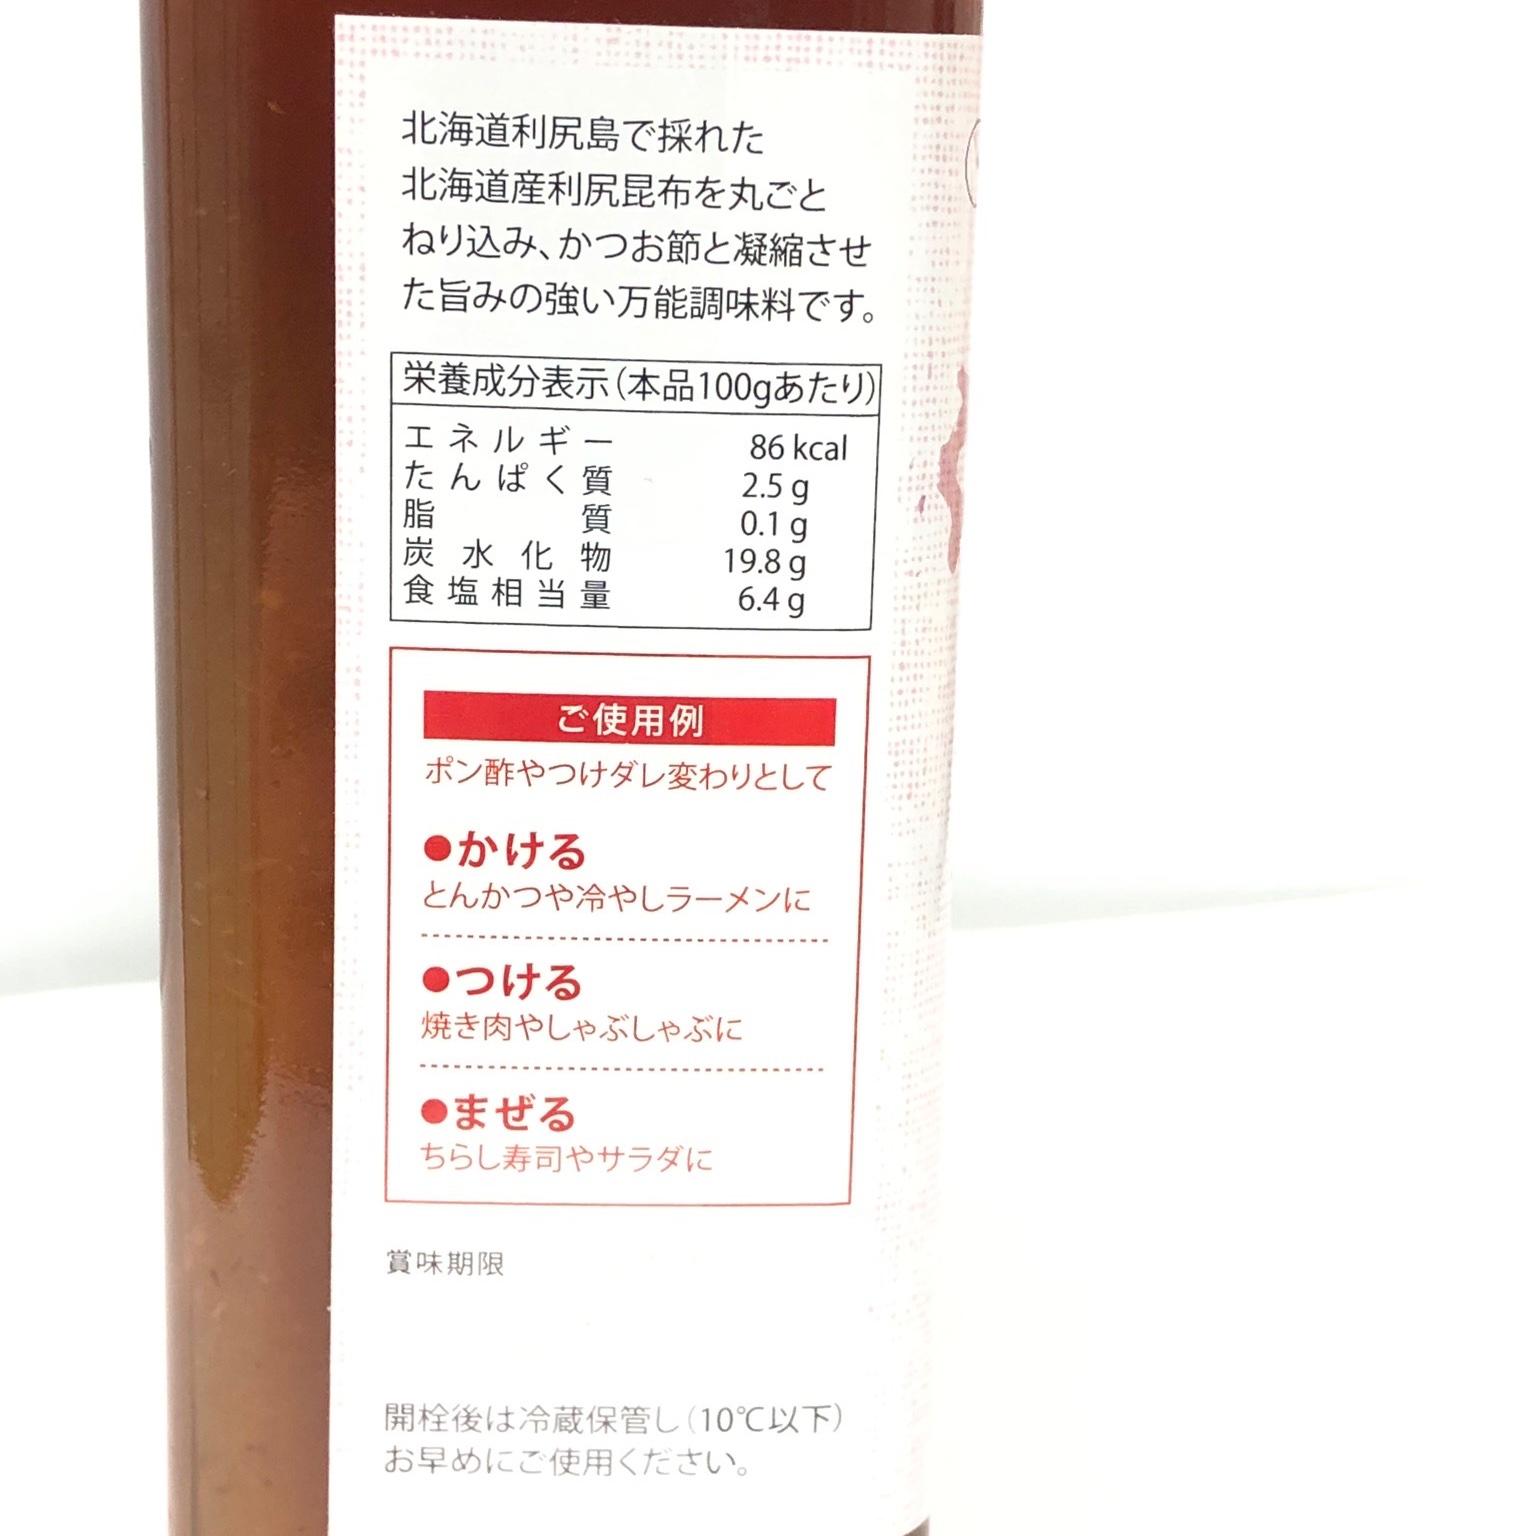 利尻昆布酢 うまみビネガー梅味 300ml 調味料/酢通販